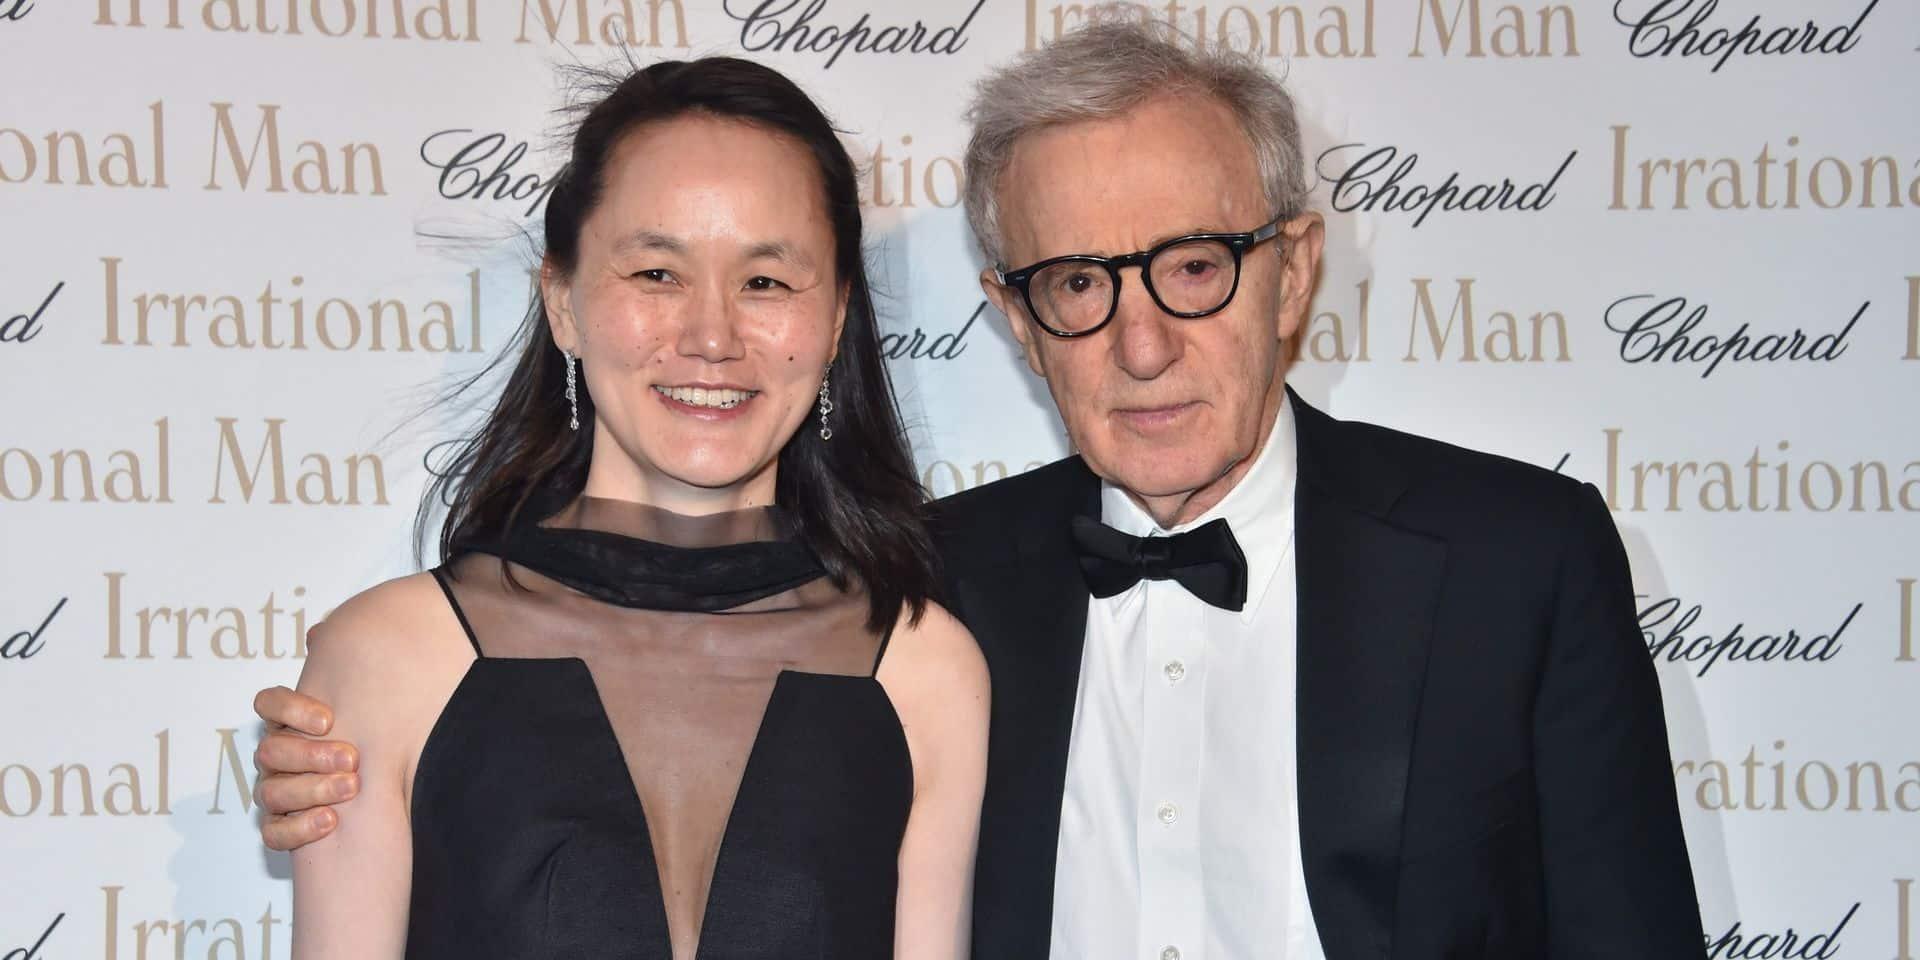 Le mariage de Woody Allen et de Soon-Yi Prévin: une histoire d'argent